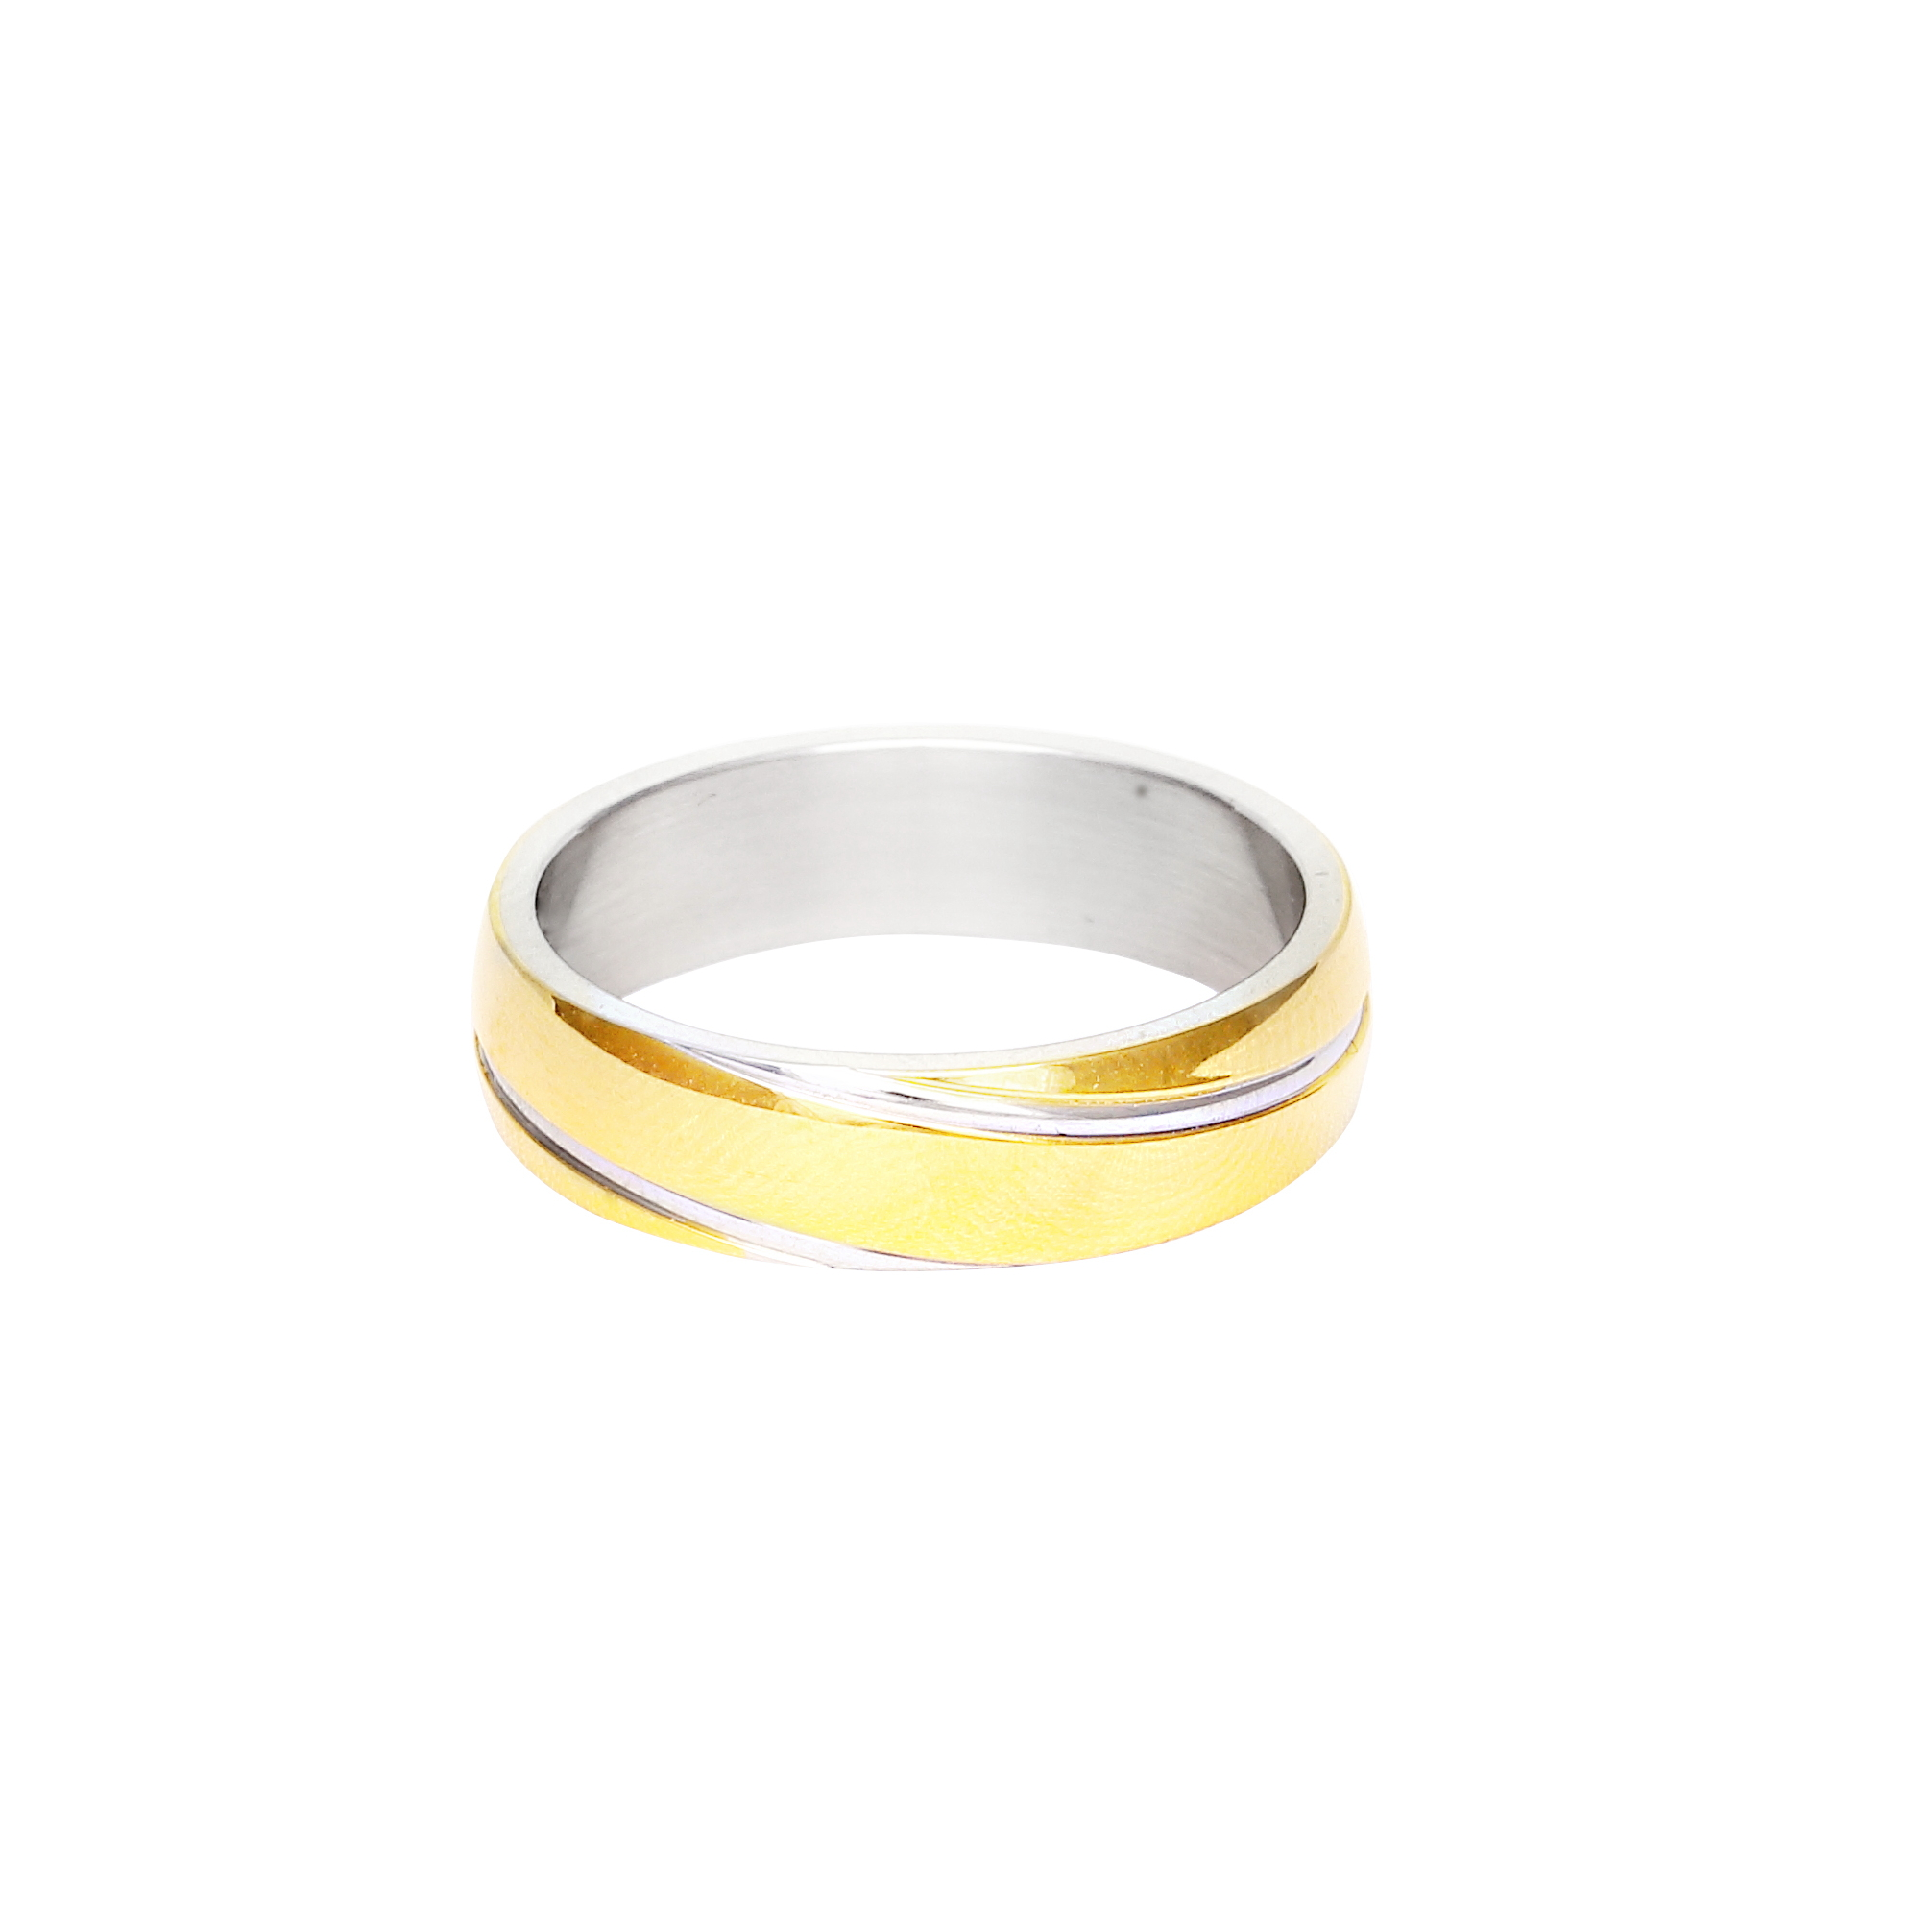 Мъжка сватбена халка от бяло и жълто злато с диагонални декоративни елементи.